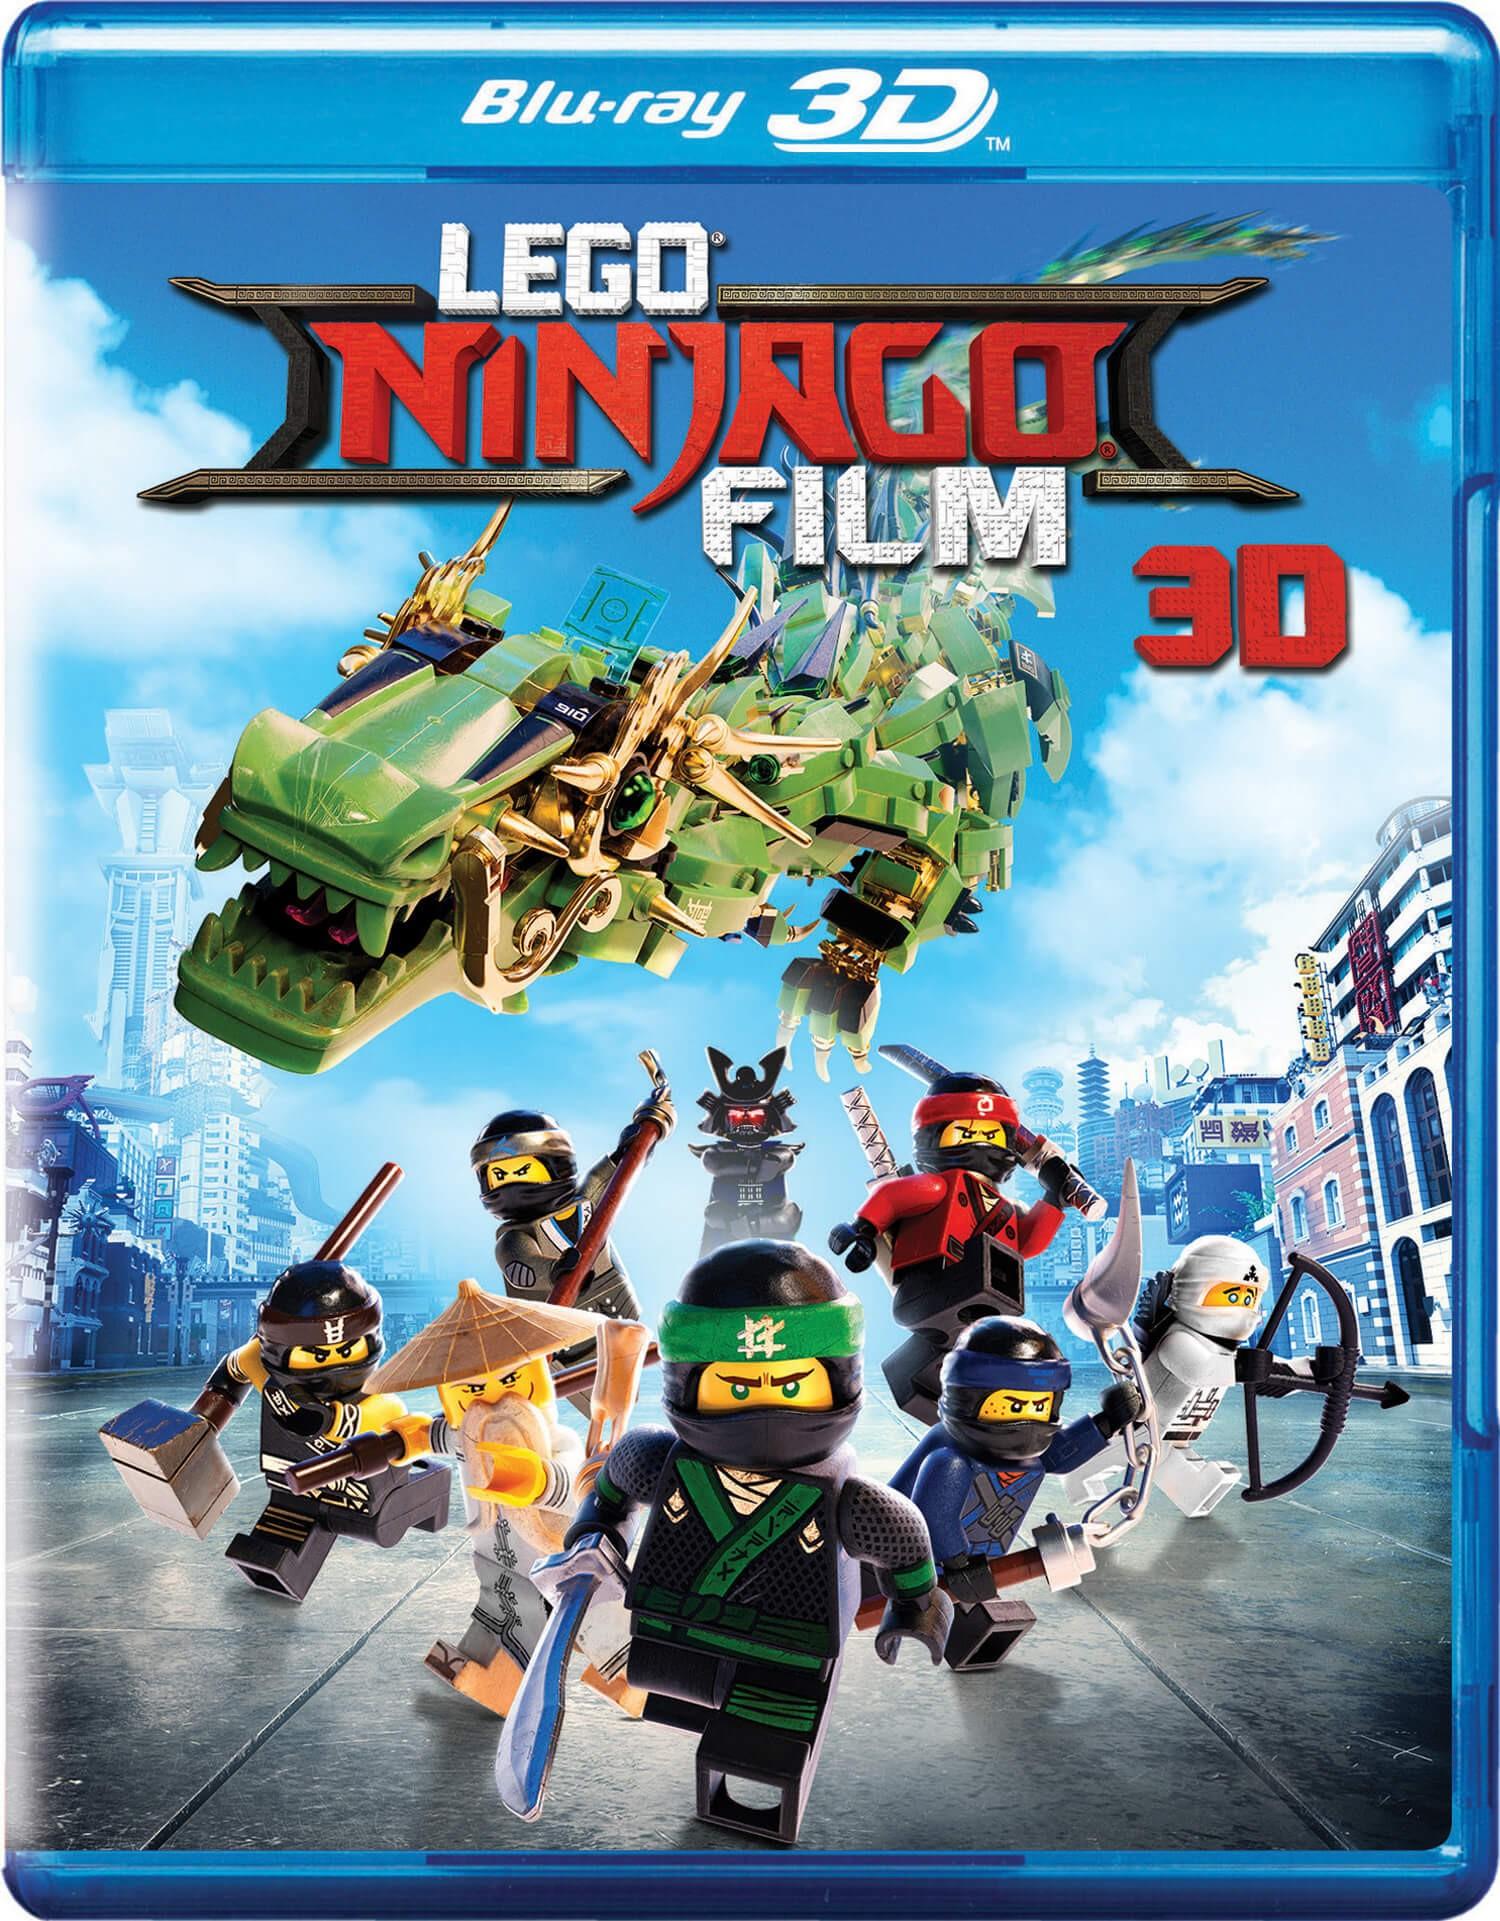 _pressroom_materialy_0_LegoNinjagoFilm_BD3D_2D_net_7321999348229(1).jpg